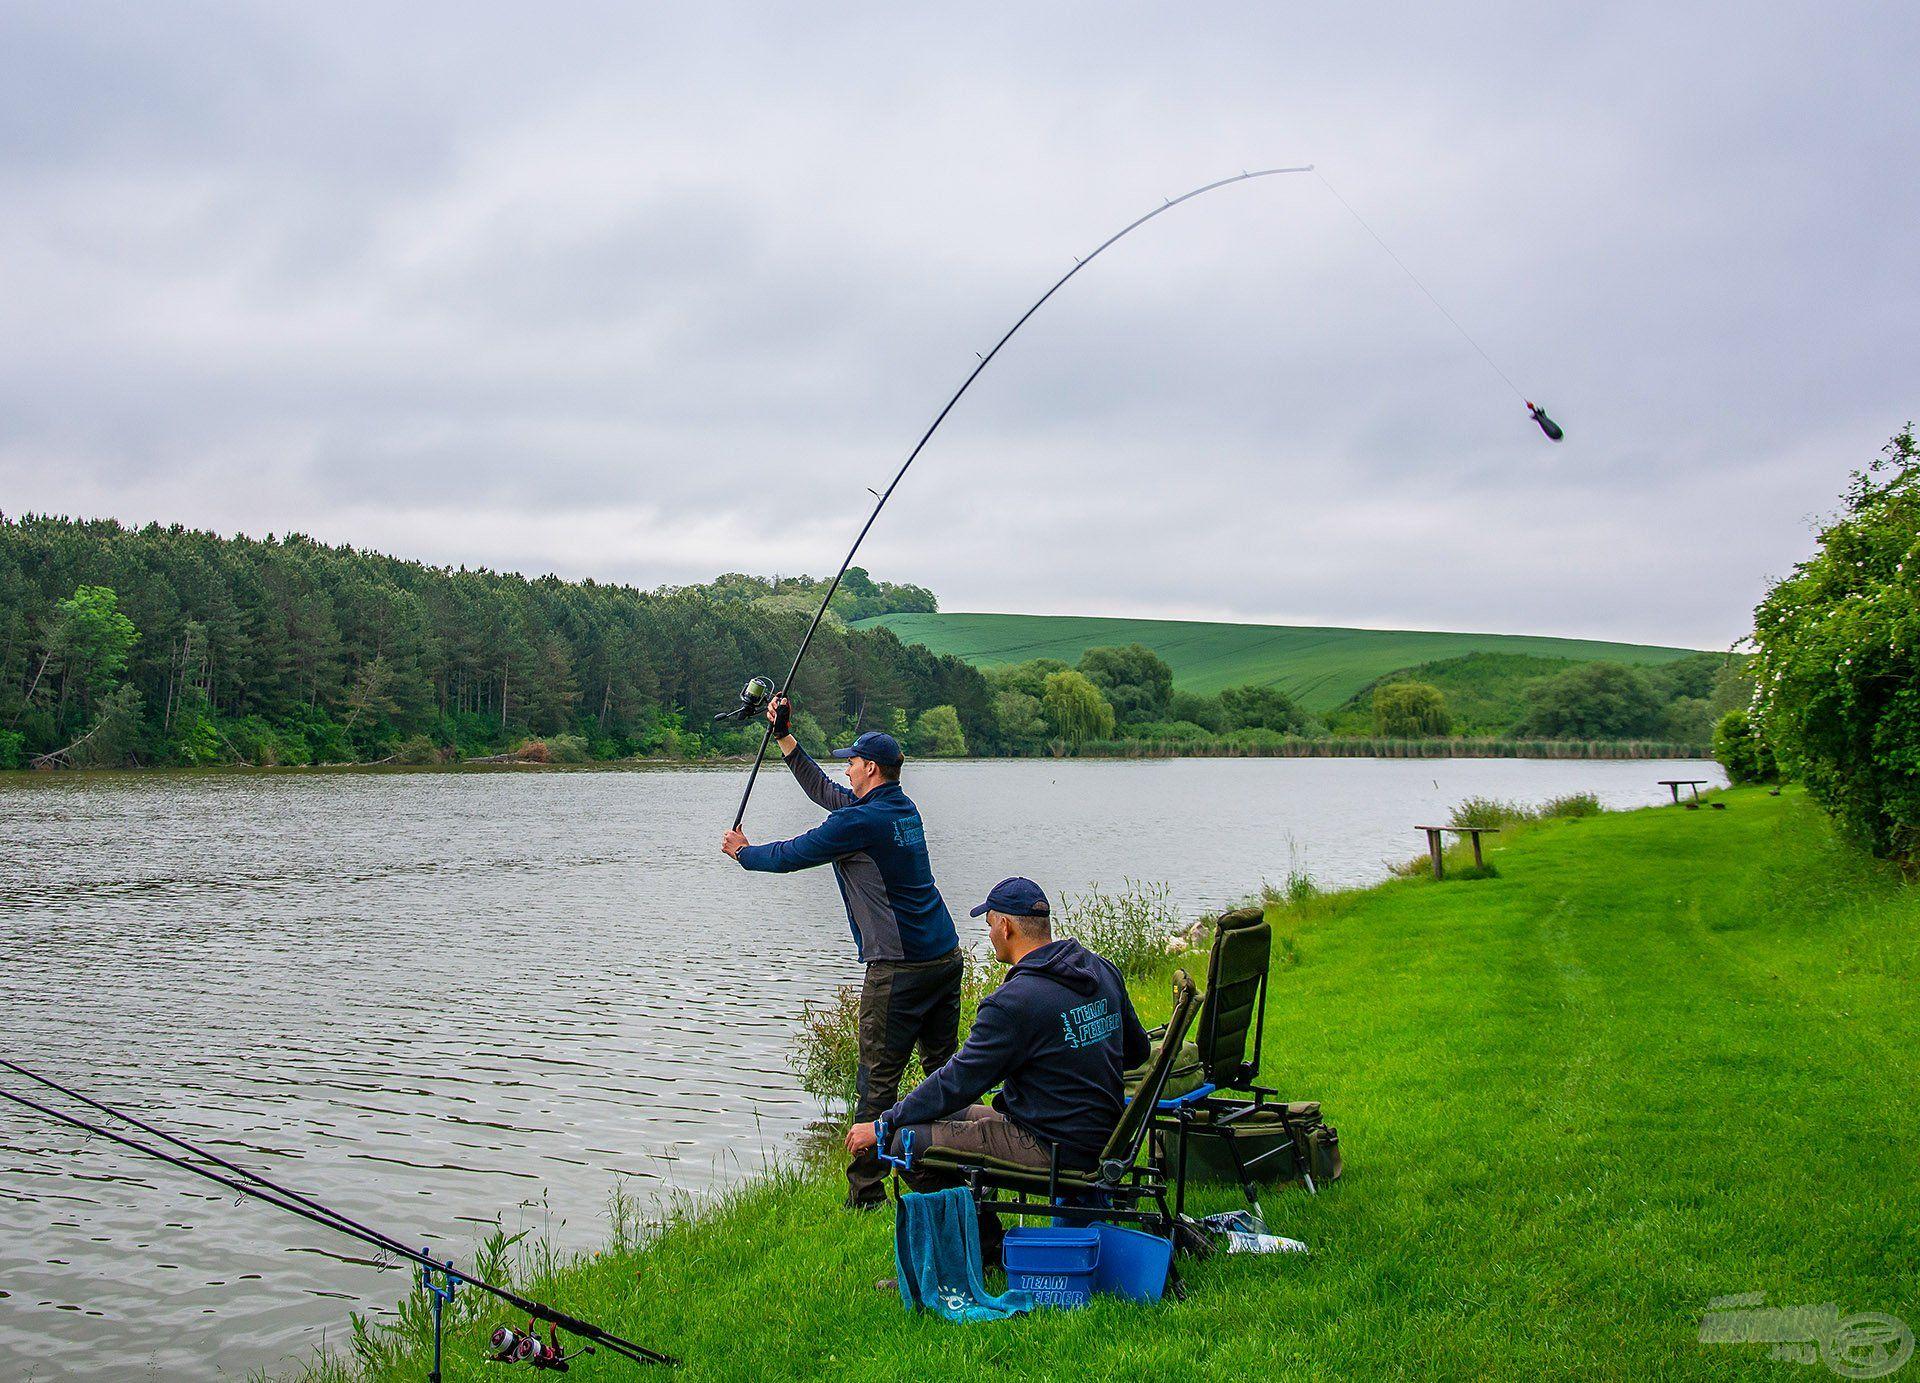 Alapozó etetéssel indítottuk a horgászatot, ez Gyermelyen kifejezetten ajánlott!